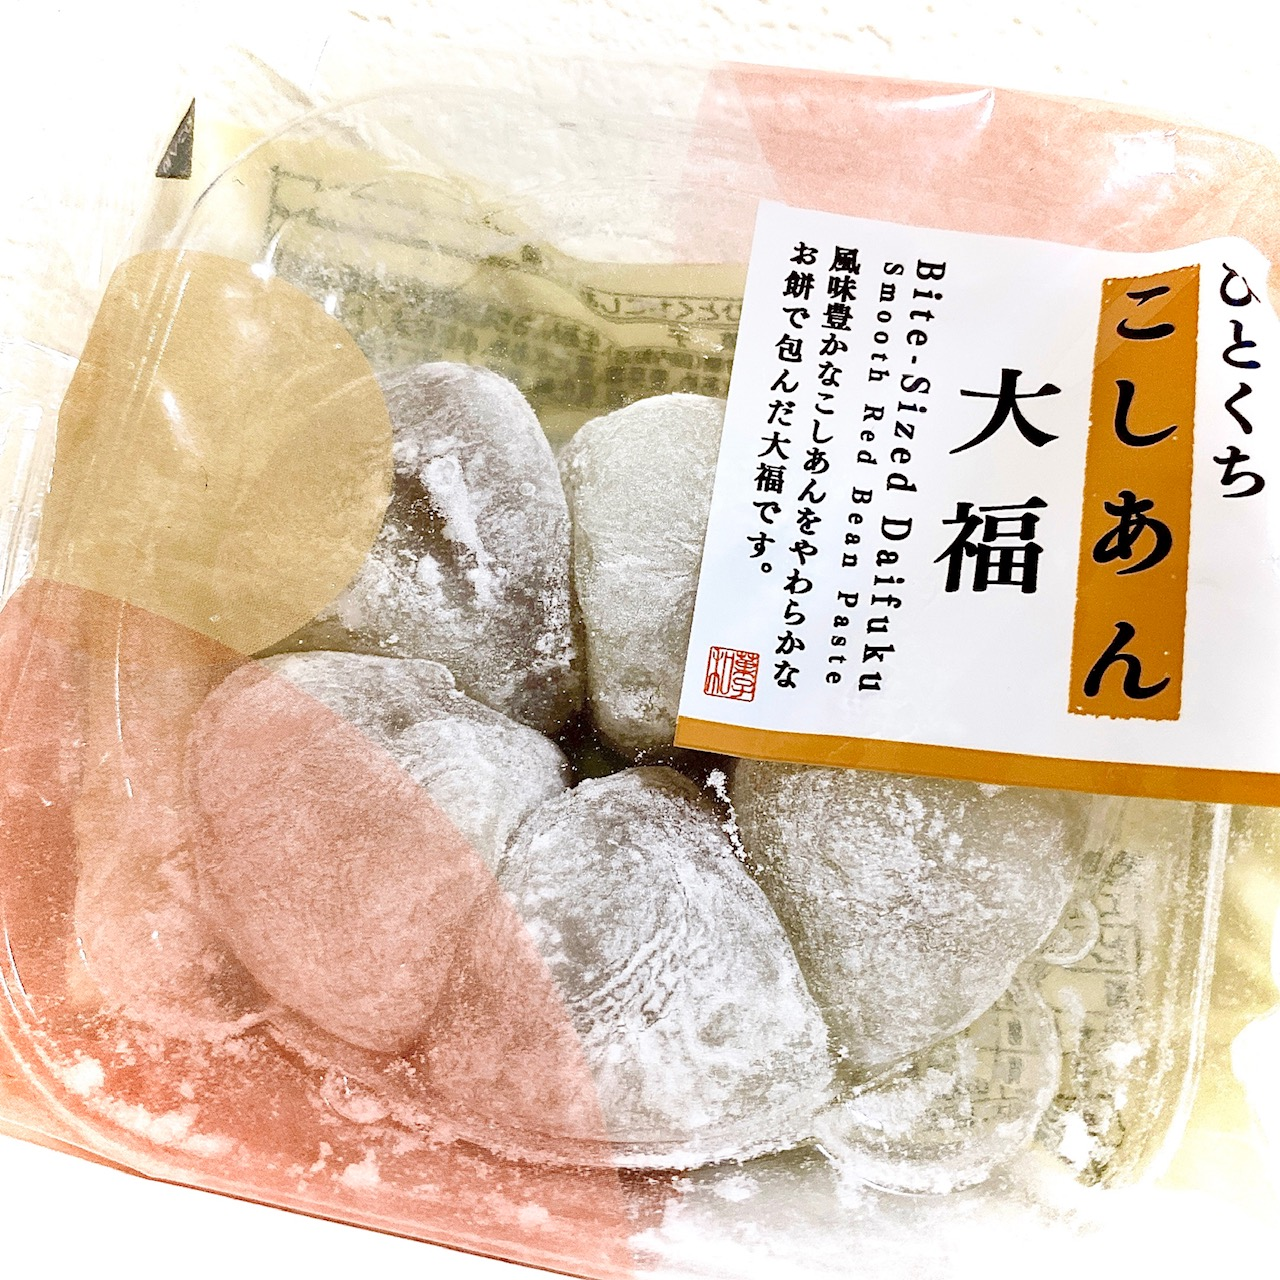 アダチ製菓株式会社「ひとくちこしあん大福」